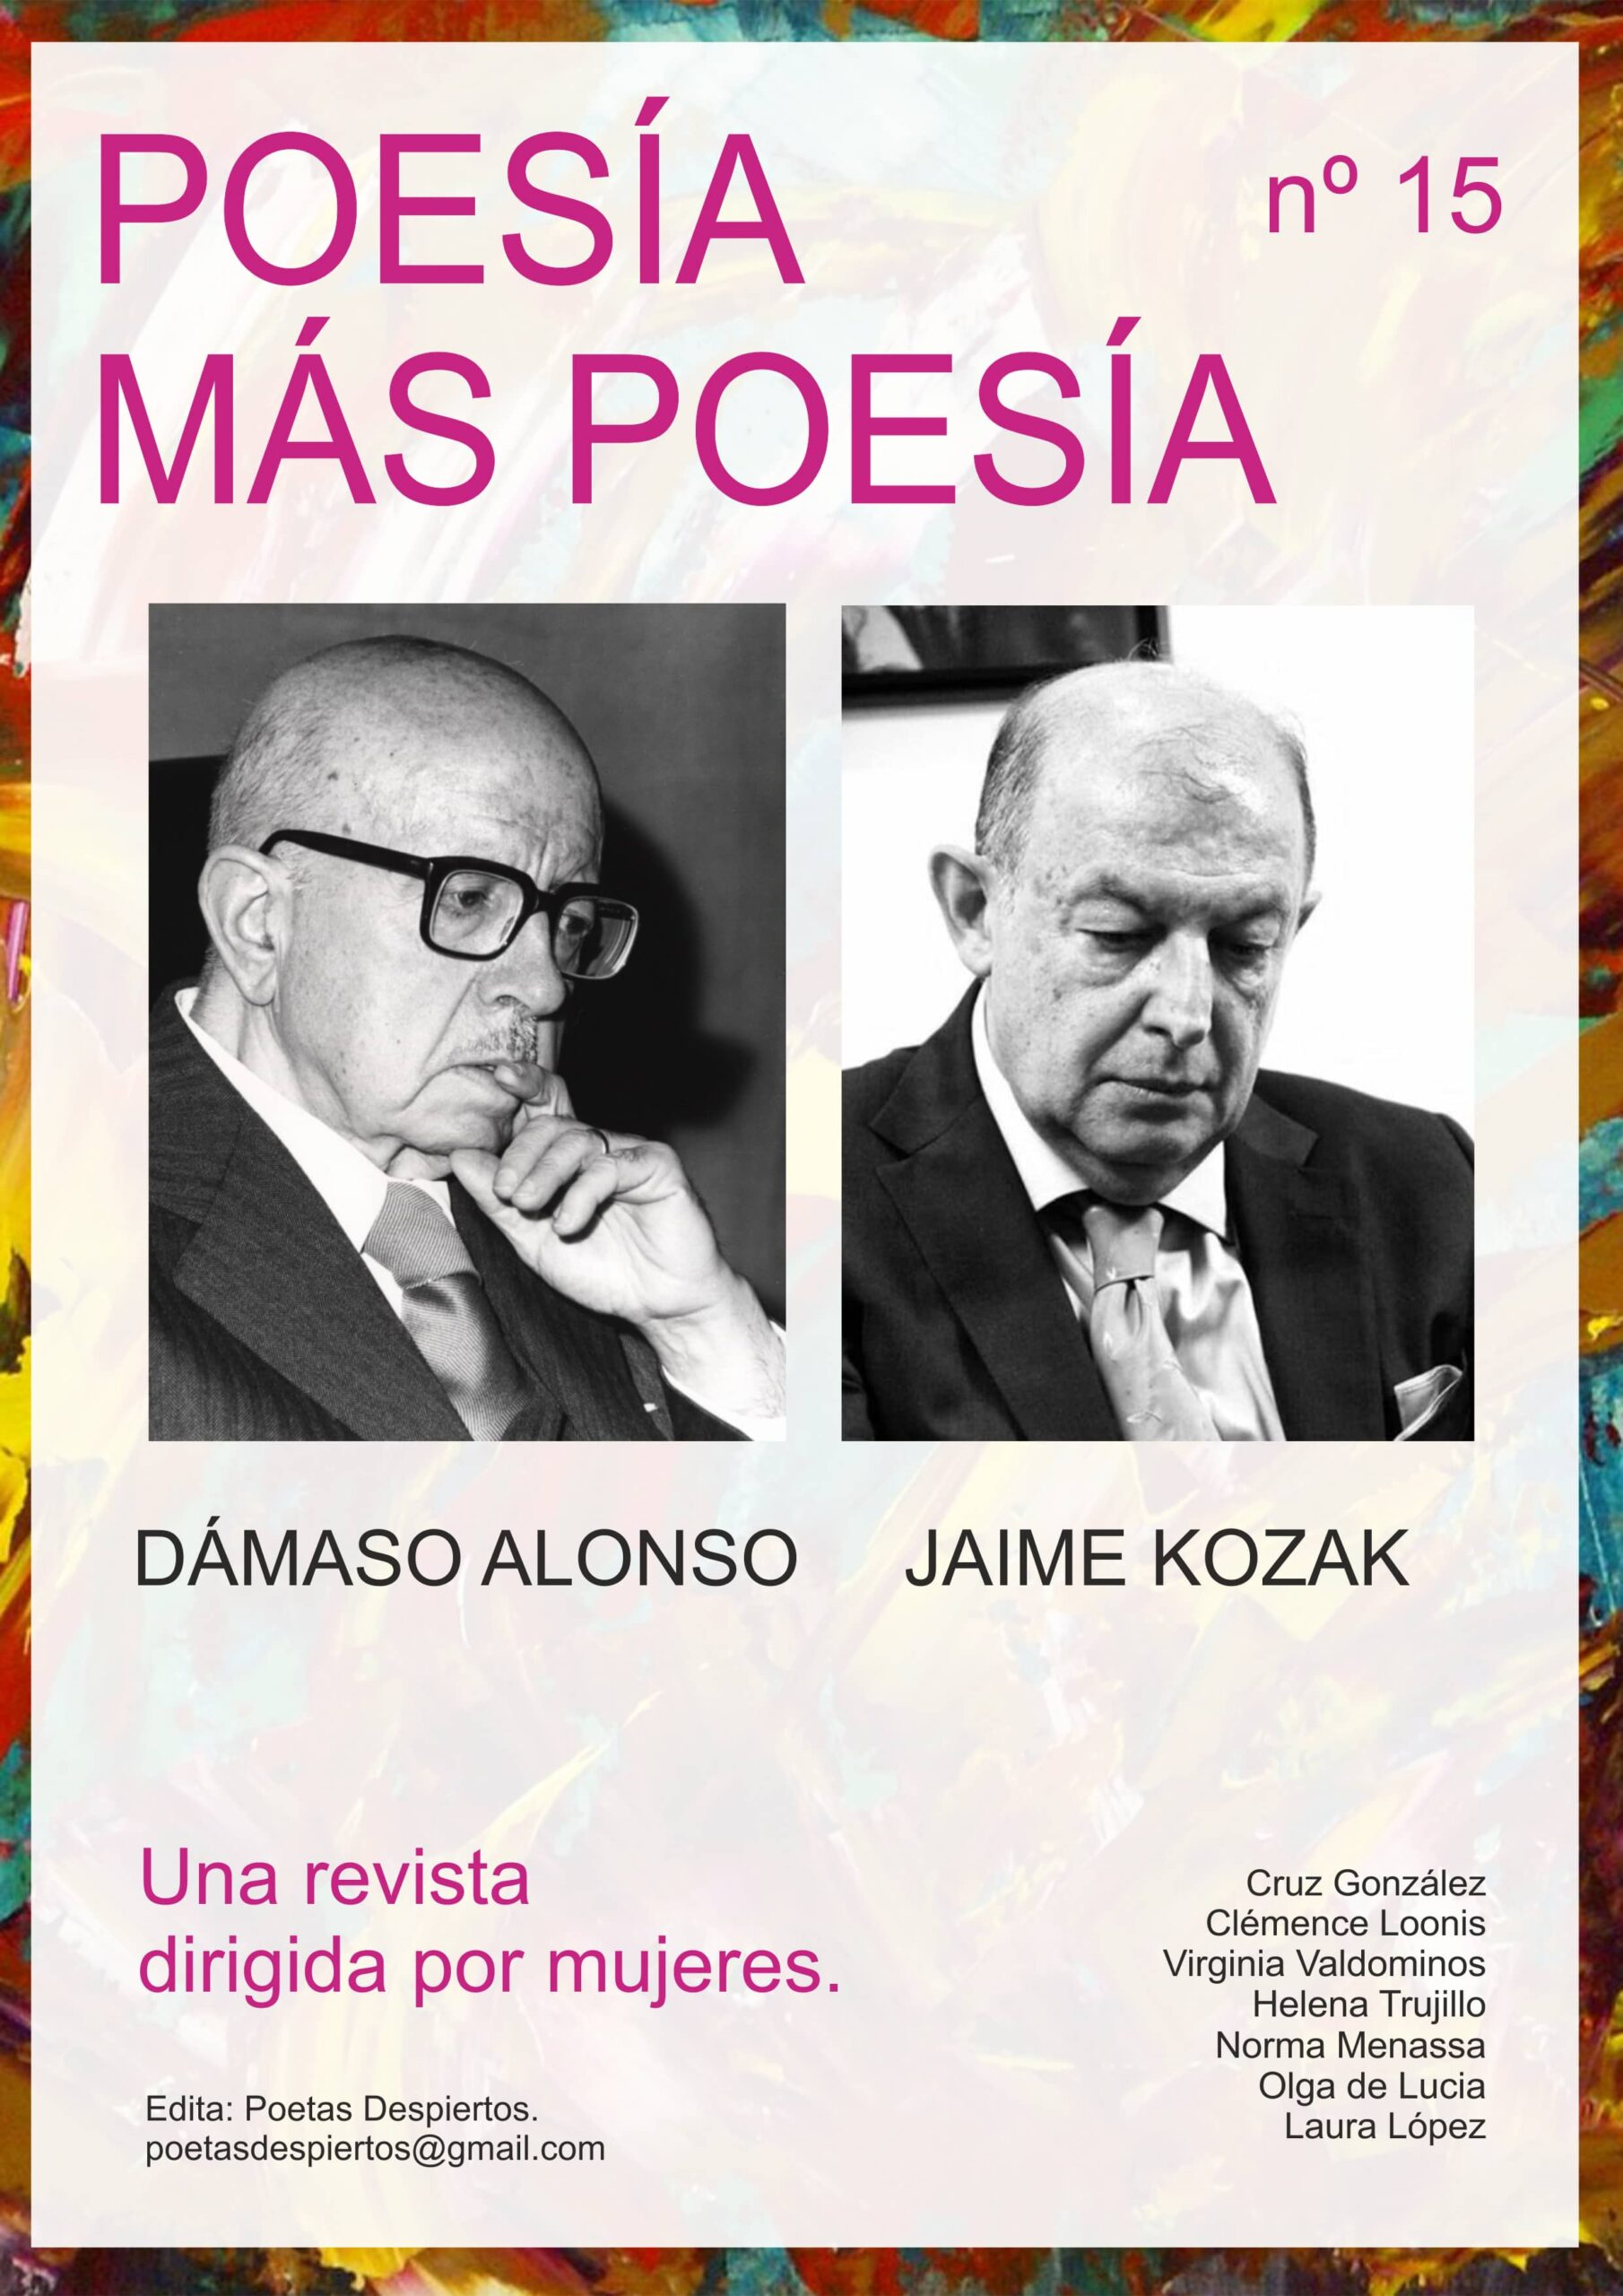 Revista Poesía más Poesía dedicada a Dámaso Alonso y Jaime Kozak